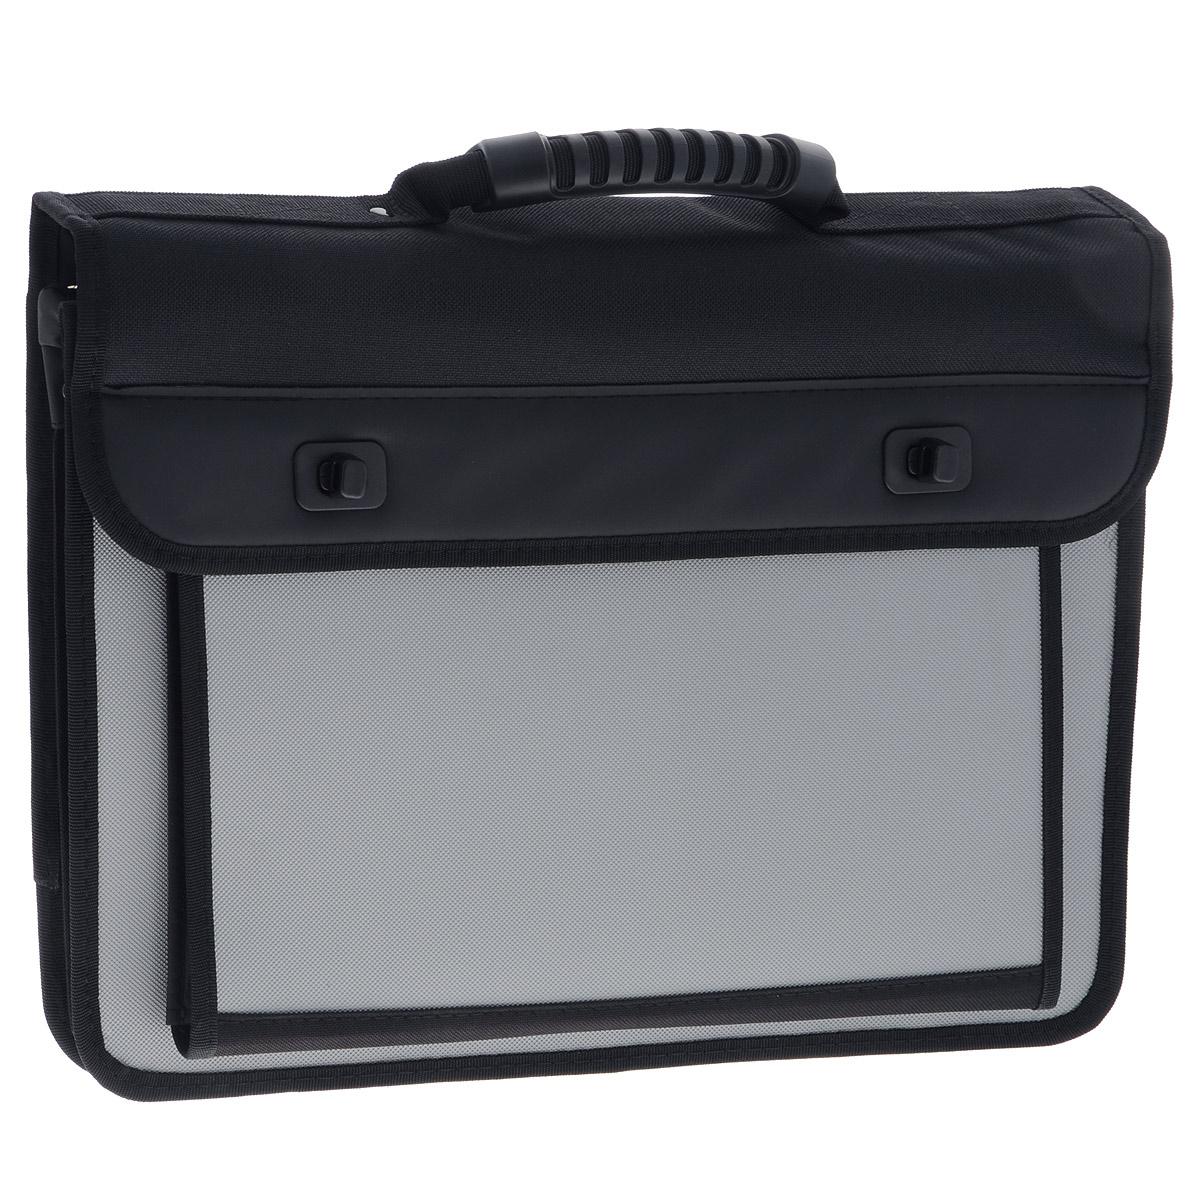 Berlingo Папка-портфель на застежках цвет черный серыйAC-1121RDПапка-портфель Berlingo - это удобный и практичный офисный инструмент, предназначенный для хранения и транспортировки большого количества рабочих бумаг и документов формата А4. Папка-портфель изготовлена из плотного пластика с зернистым тиснением, оснащена удобной ручкой для переноски, закрывается на клапан с 2 пластиковыми замками. Грани папки имеют мягкую отделку. Папка состоит из 2 отделений, разделенных пластиковым разделителем. Внутри расположены 3 открытых кармана, 3 кармашка для ручек и накладной карман на застежке-молнии. Фронтальная сторона сумки дополнена вместительным карманом, закрывающимся на клапан с липучкой и разграниченный пластиковым разделителем. На тыльной стороне расположен прорезной карман на застежке-молнии.Папка оснащена удобным плечевым ремнем с эргономичной мягкой накладкой.Папка-портфель - это незаменимый атрибут для студента, школьника, офисного работника. Такая папка надежно сохранит ваши документы и сбережет их от повреждений, пыли и влаги.